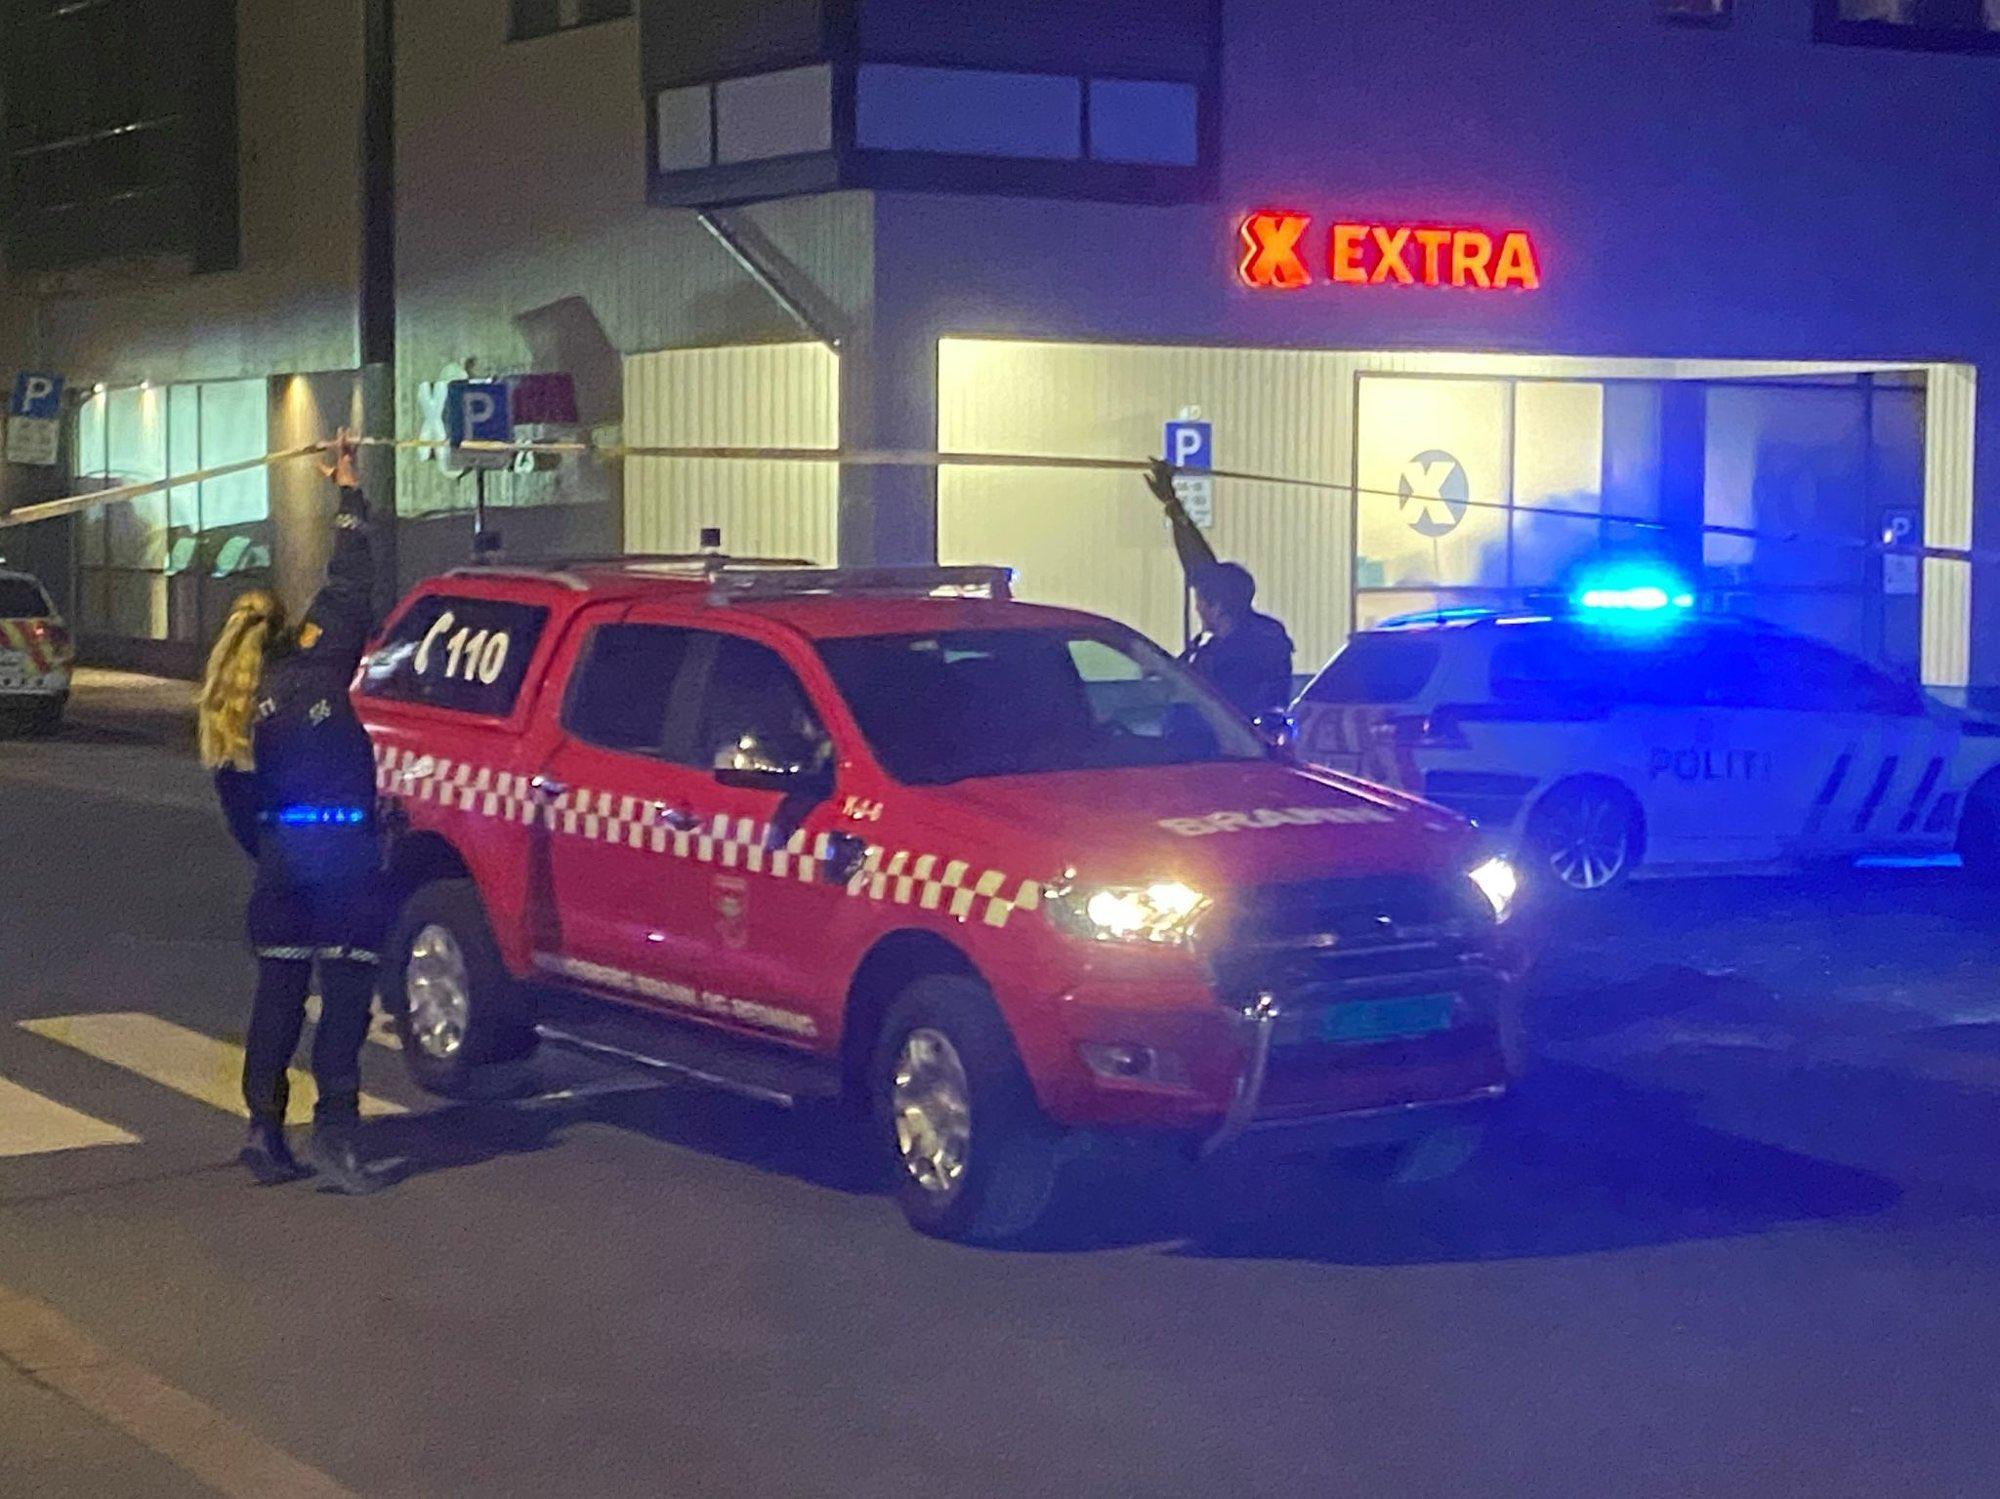 Μακελειό στη Νορβηγία: Δολοφονική επίθεση με τόξο και βέλη – Πολλοί νεκροί και τραυματίες – ΦΩΤΟ,ΒΙΝΤΕΟ